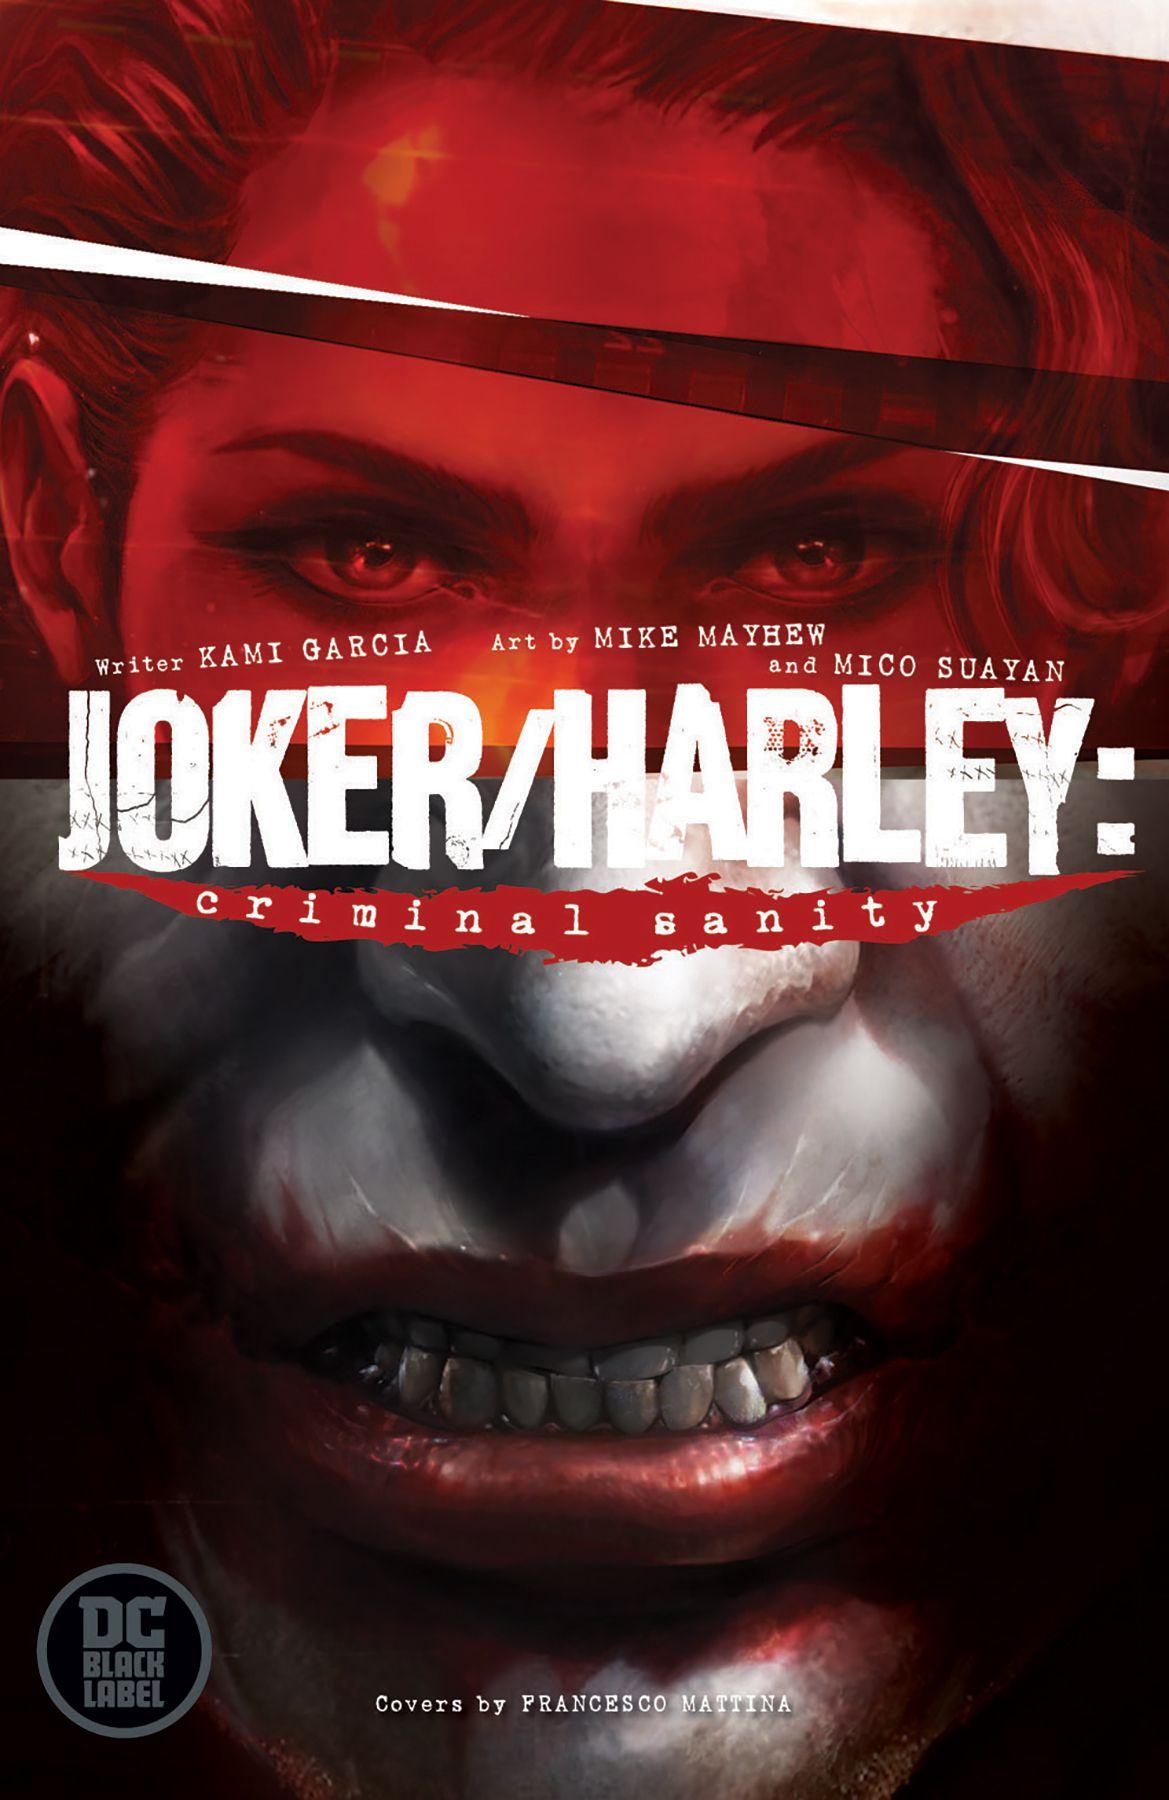 Joker/Harley #1, DC Comics (2019).